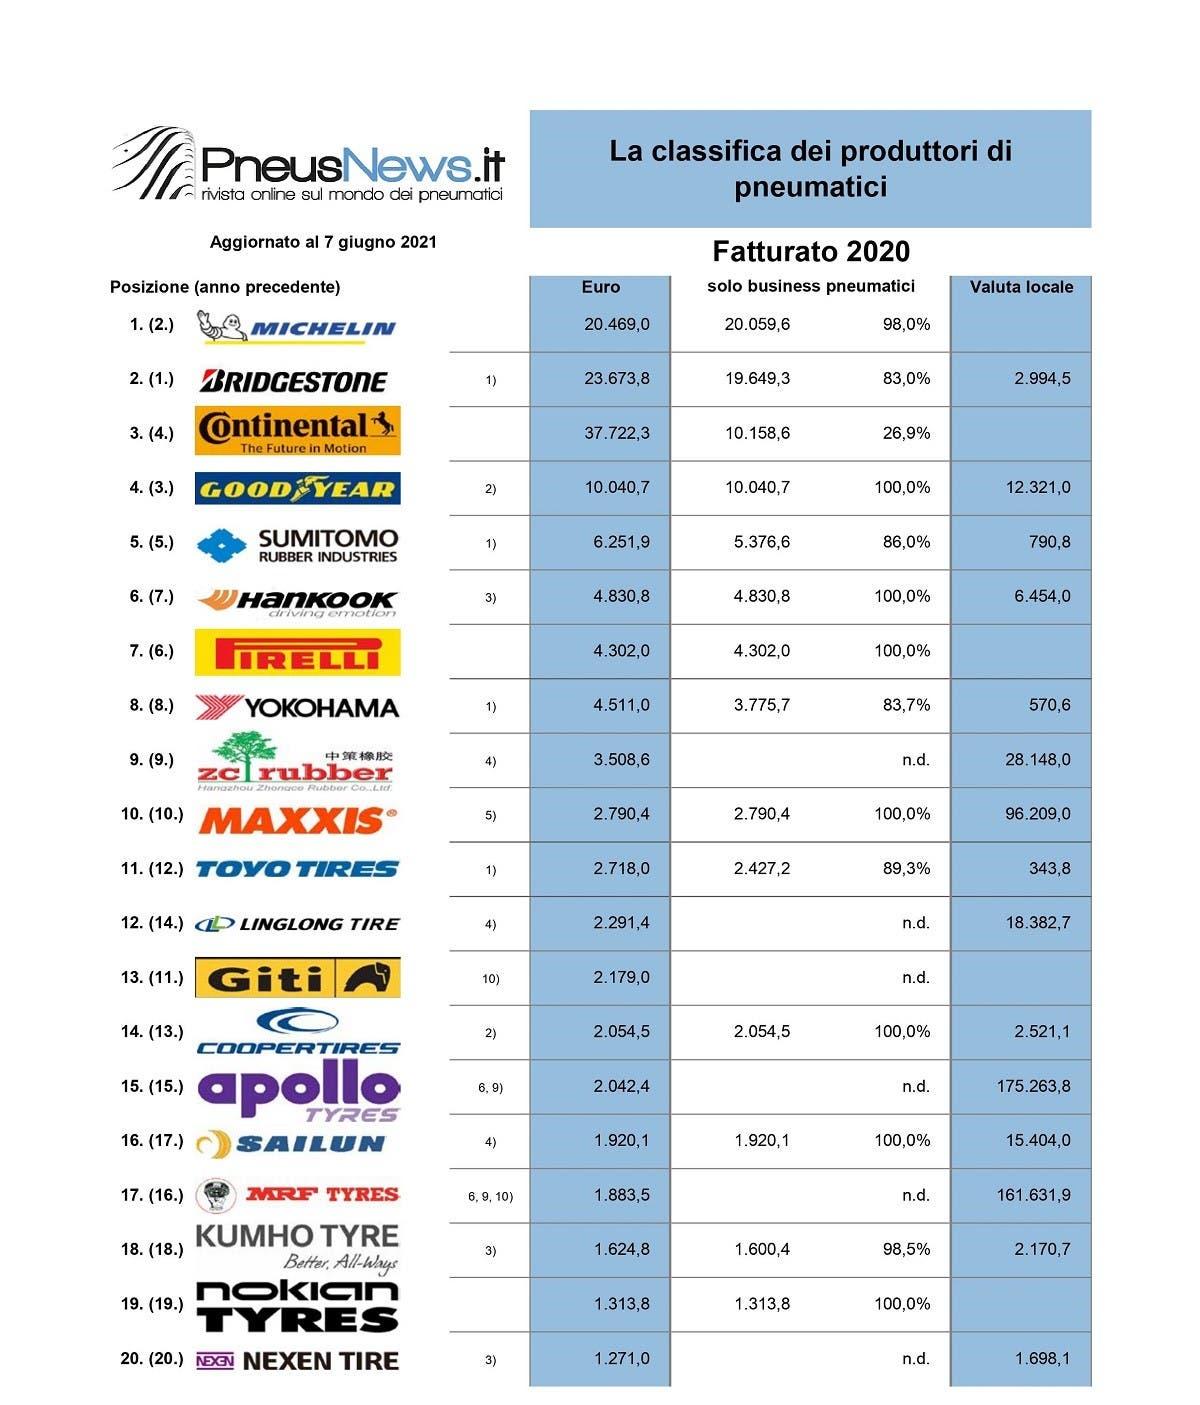 Classifica mondiale produttori pneumatici 2021